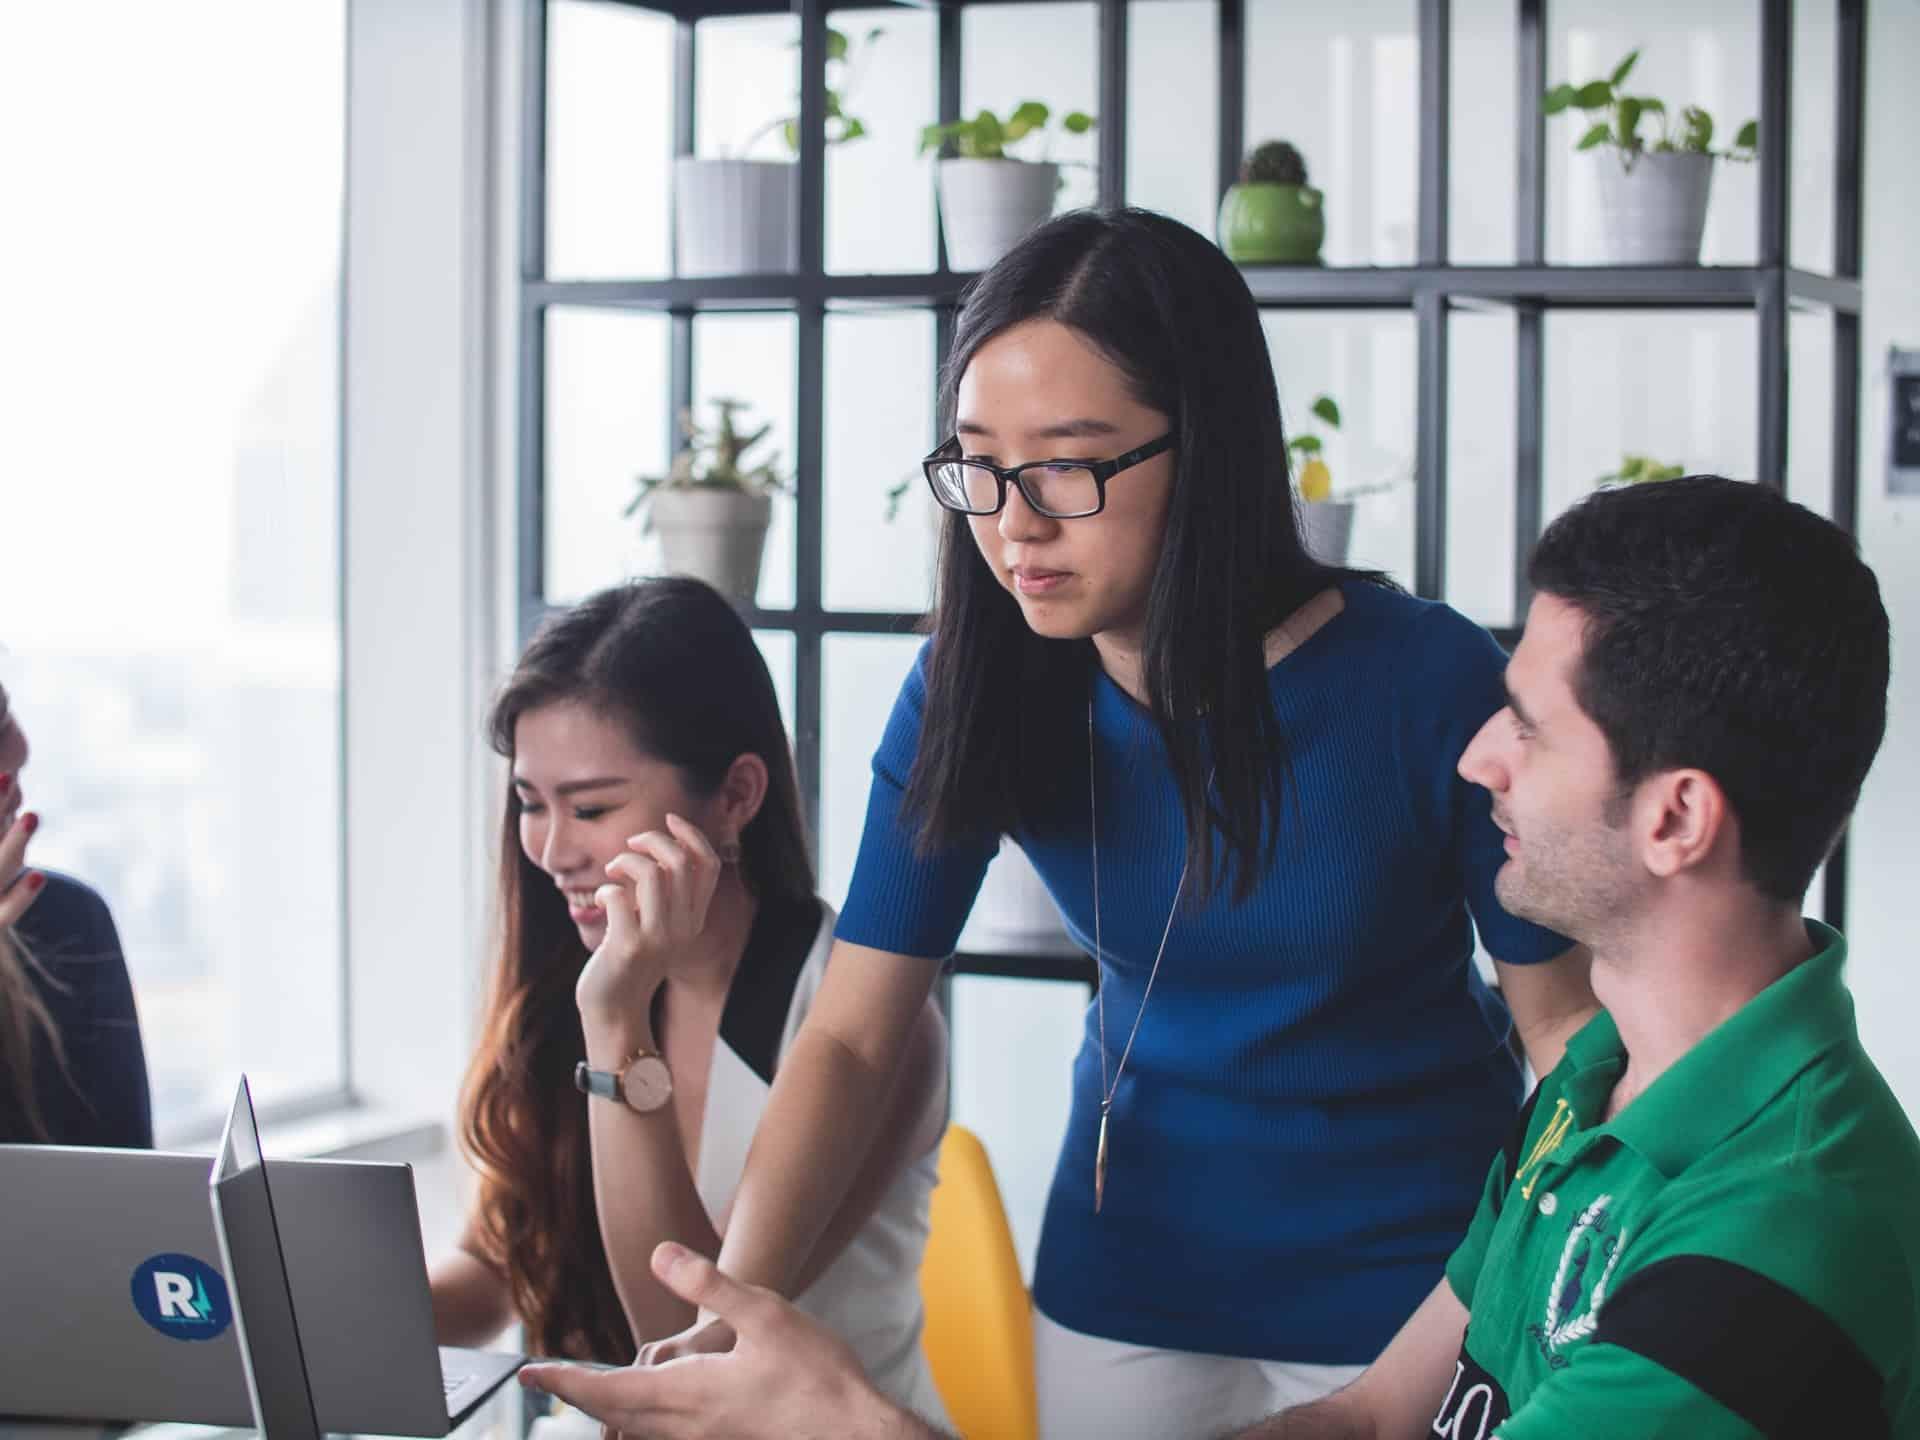 A cultura organizacional tem o poder de determinar qual o destino de uma empresa, pois envolve o comprometimento dos colaboradores com a estratégia.